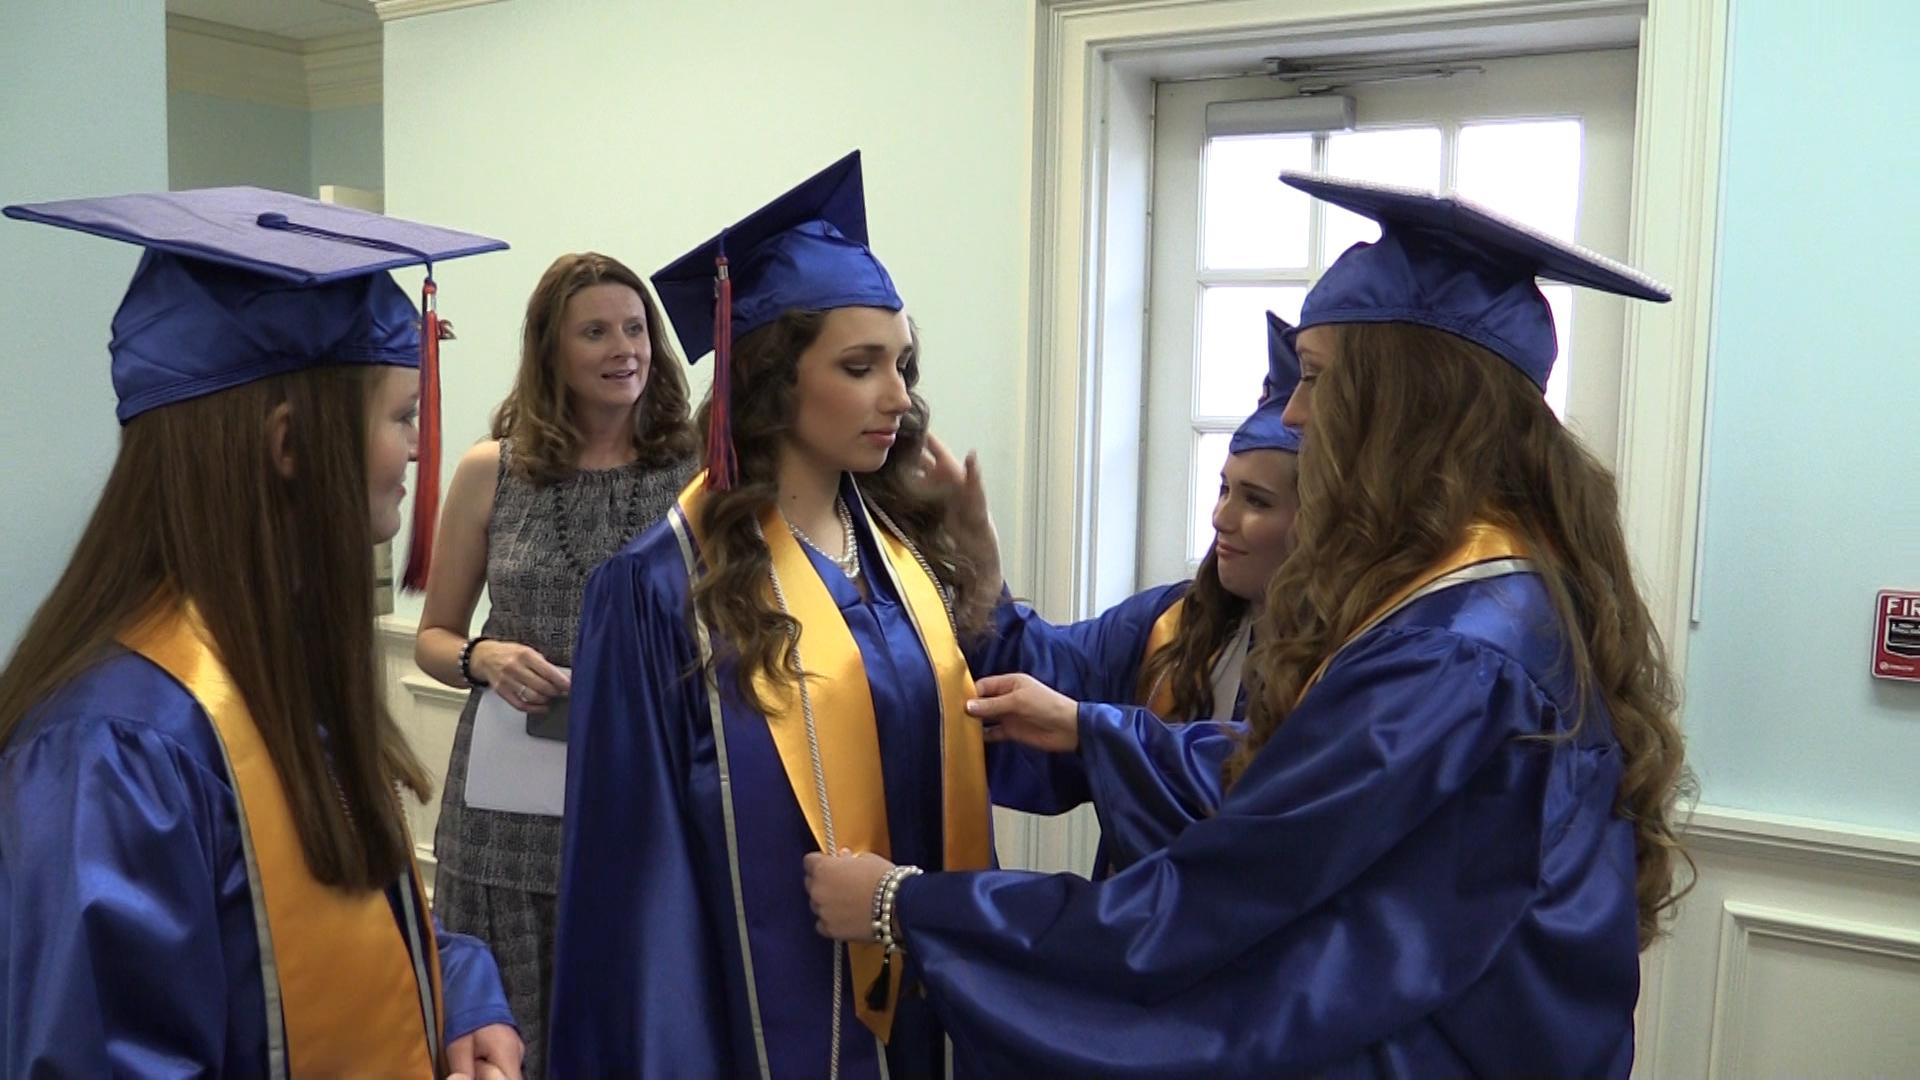 VIDEO - Boyd Christian School graduation